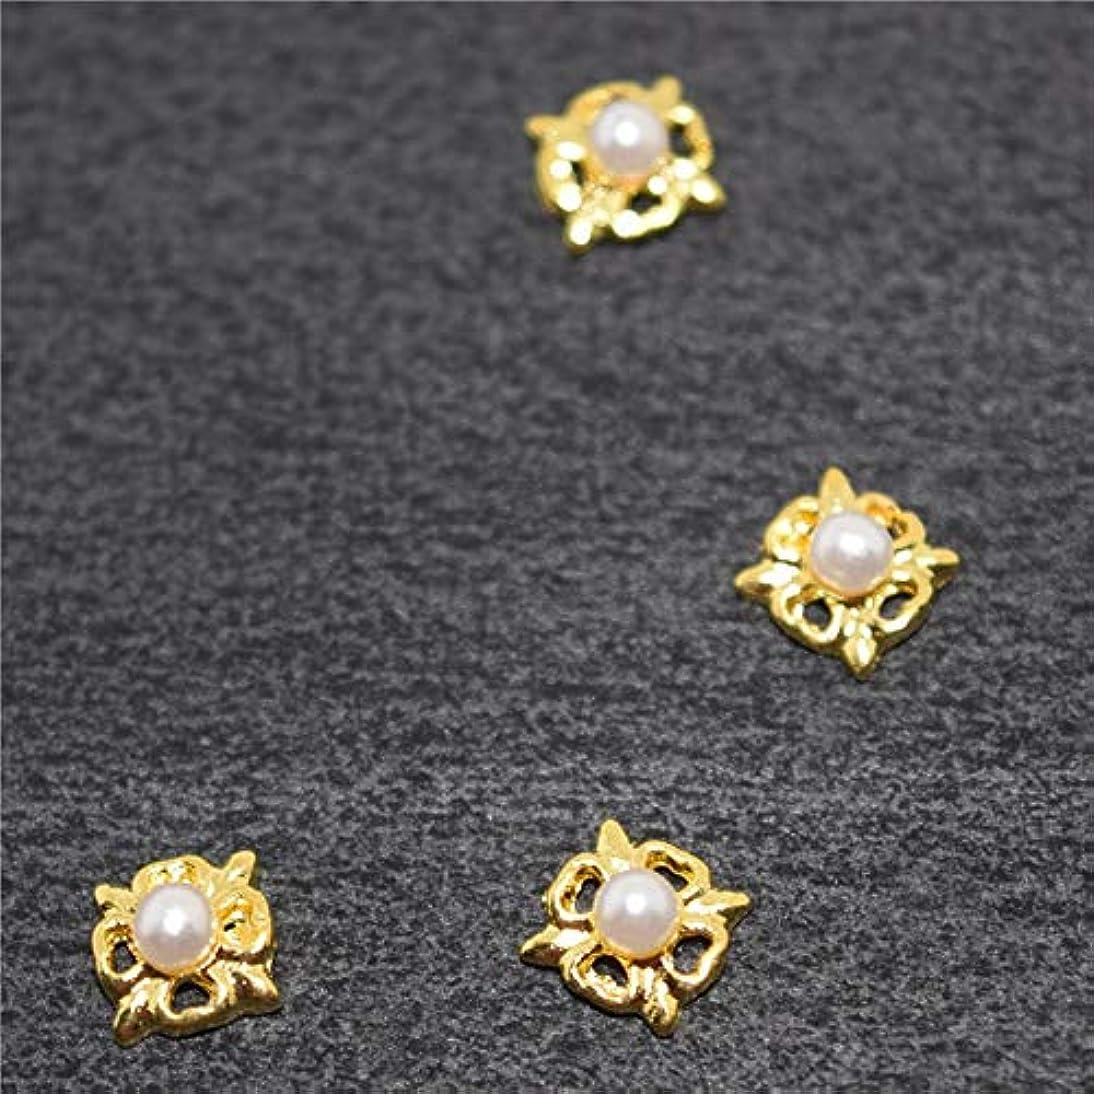 フェザーギネス満足10個入りホワイトパールの星3Dネイルアートの装飾合金ネイルチャームネイルズラインストーンネイル用品